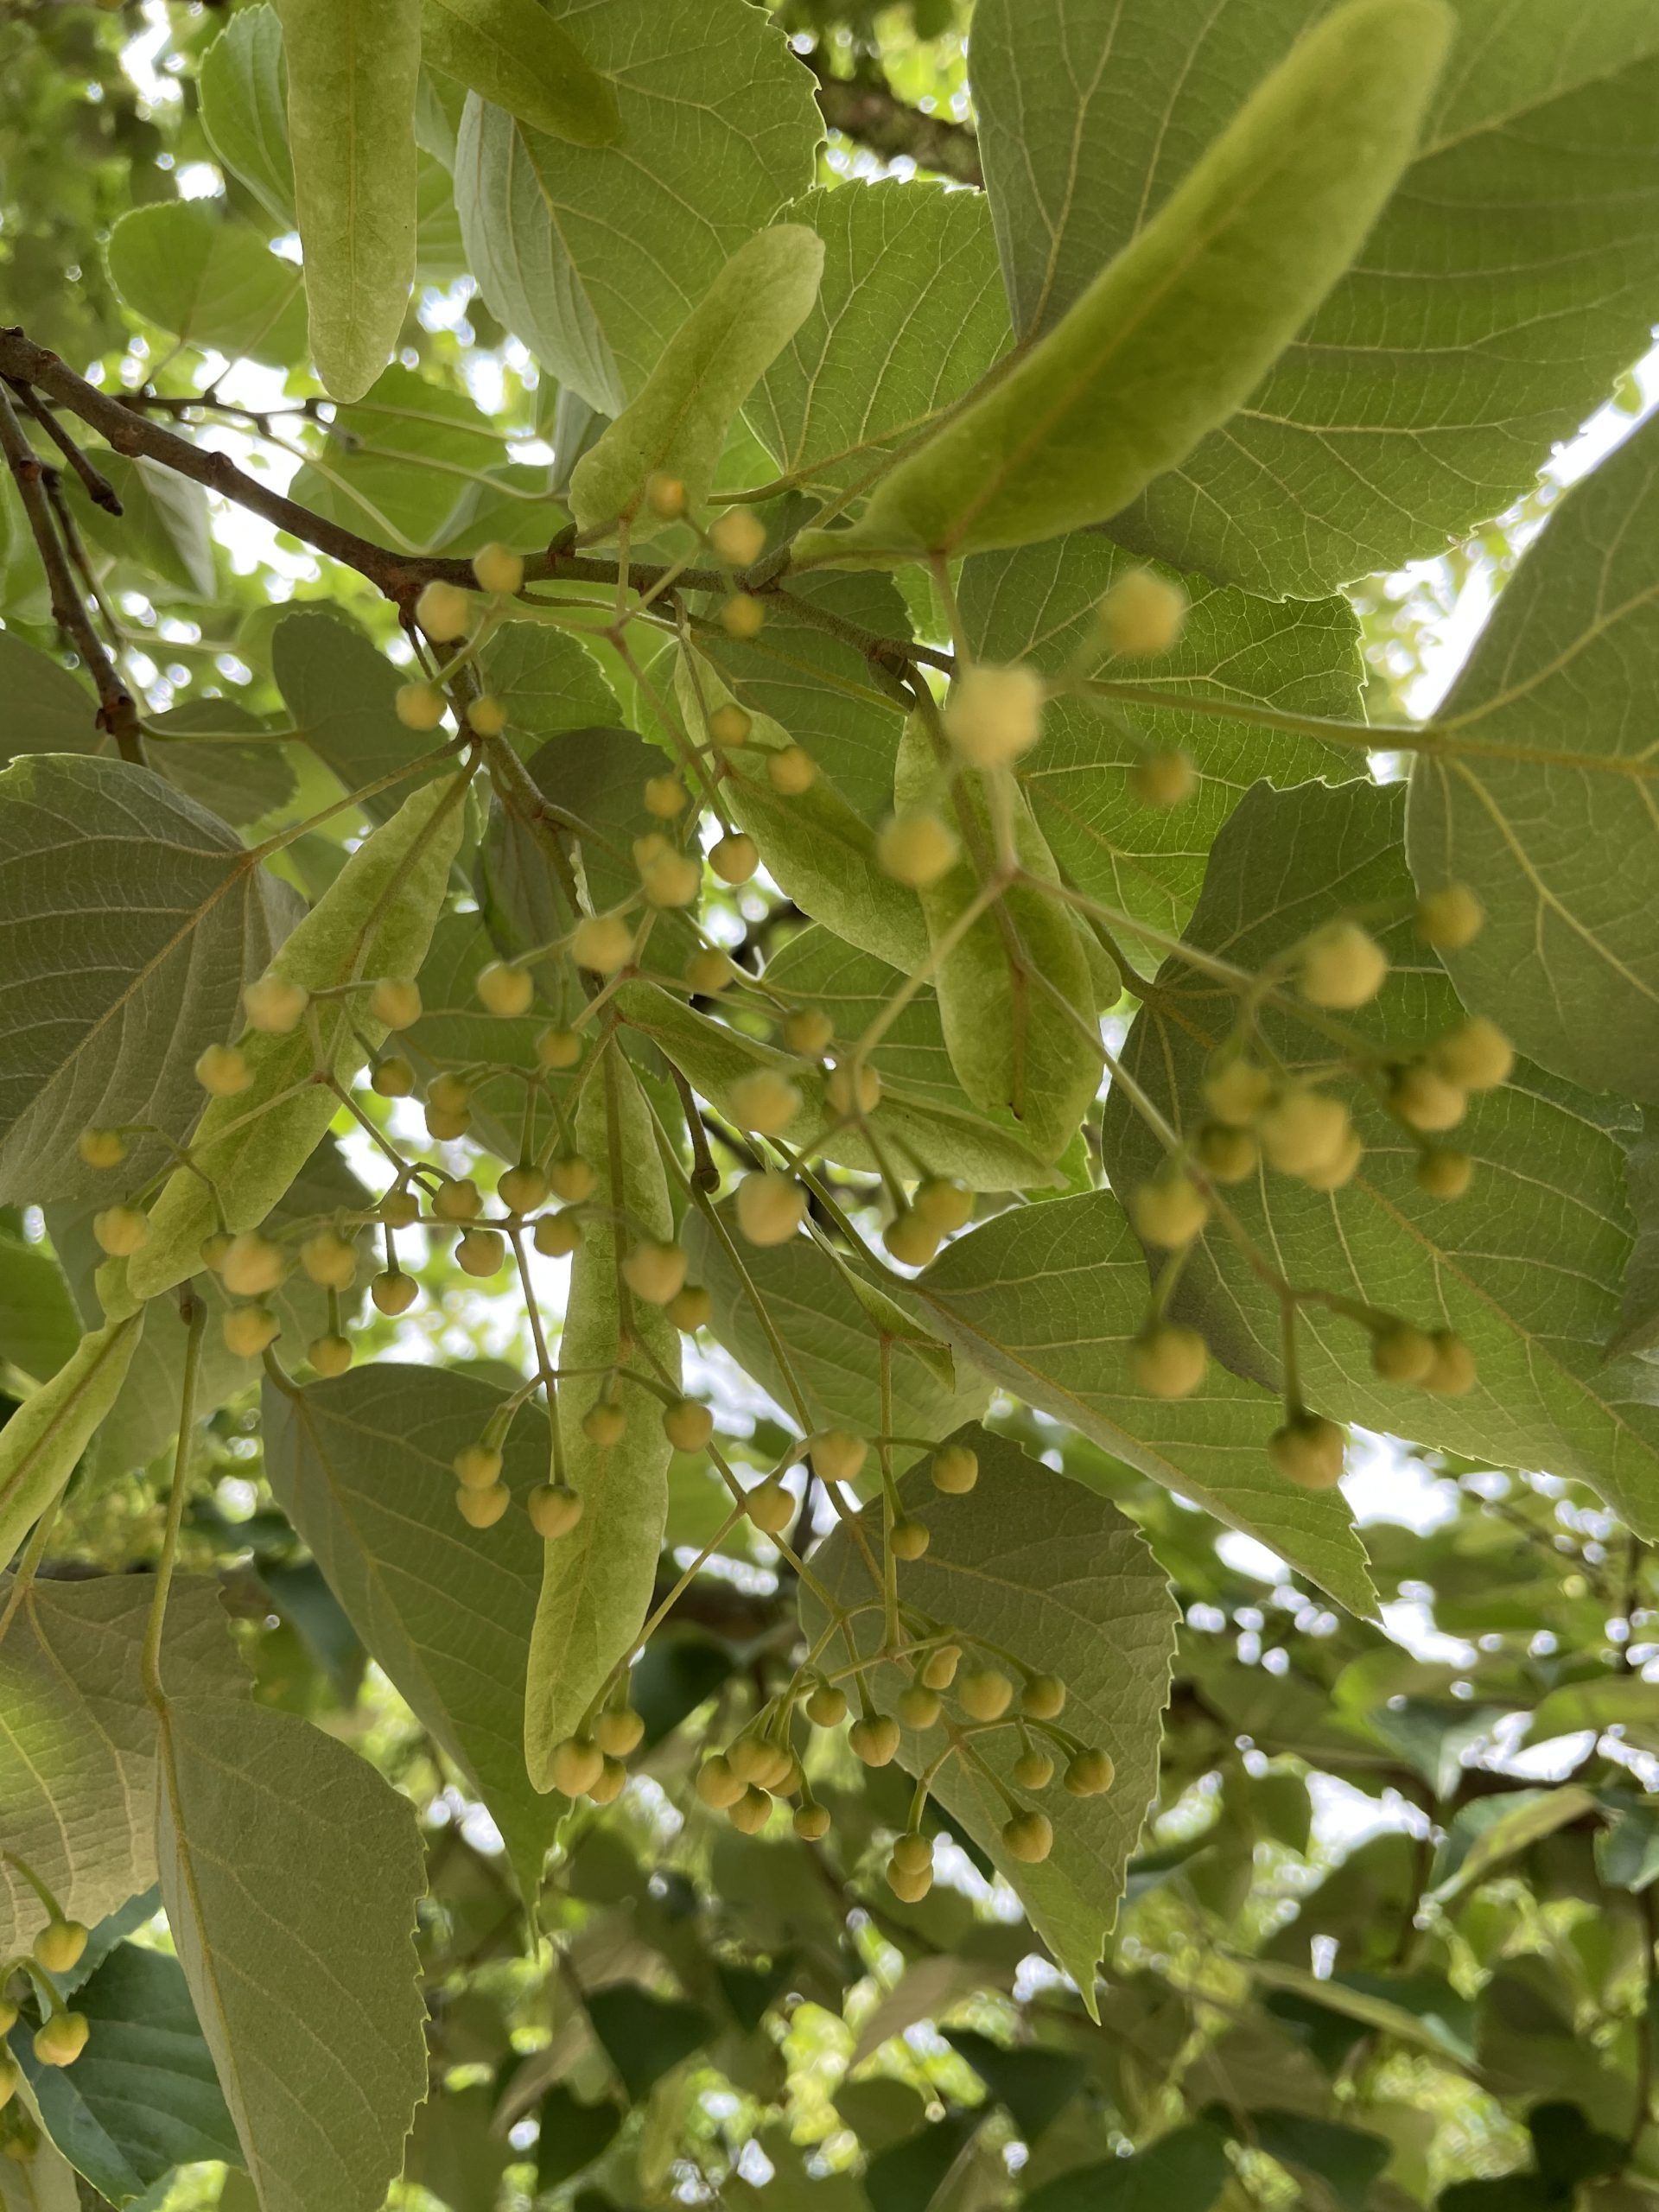 菩提樹のつぼみ